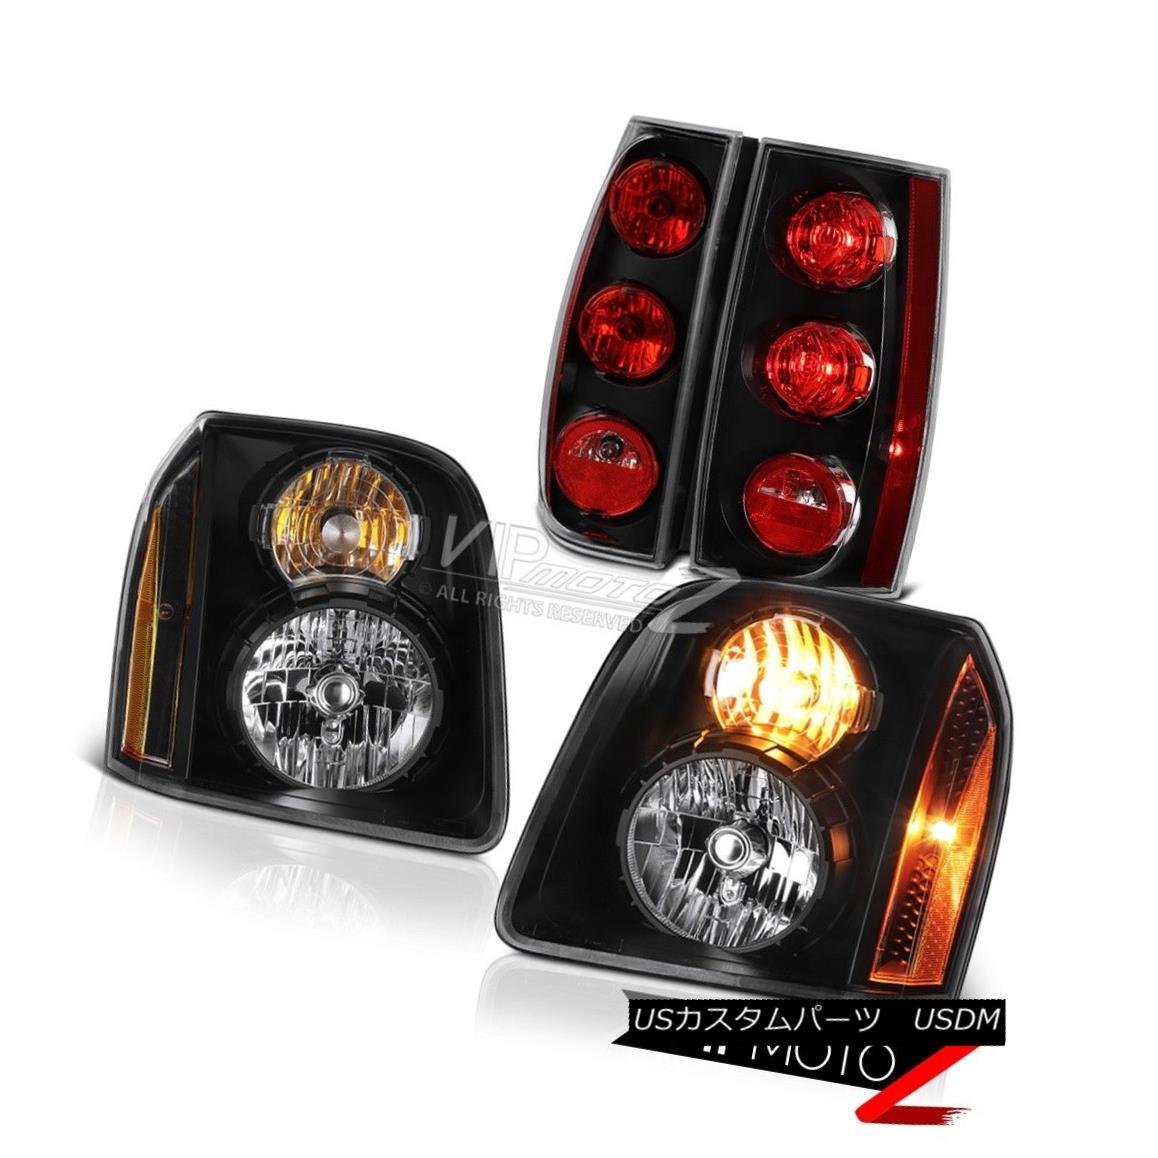 ヘッドライト 07-14 GMC Yukon SLE Matte Black Parking Brake Lights Headlights Factory Style 07-14 GMCユーコンSLEマットブラックパーキングブレーキライトヘッドライト工場のスタイル